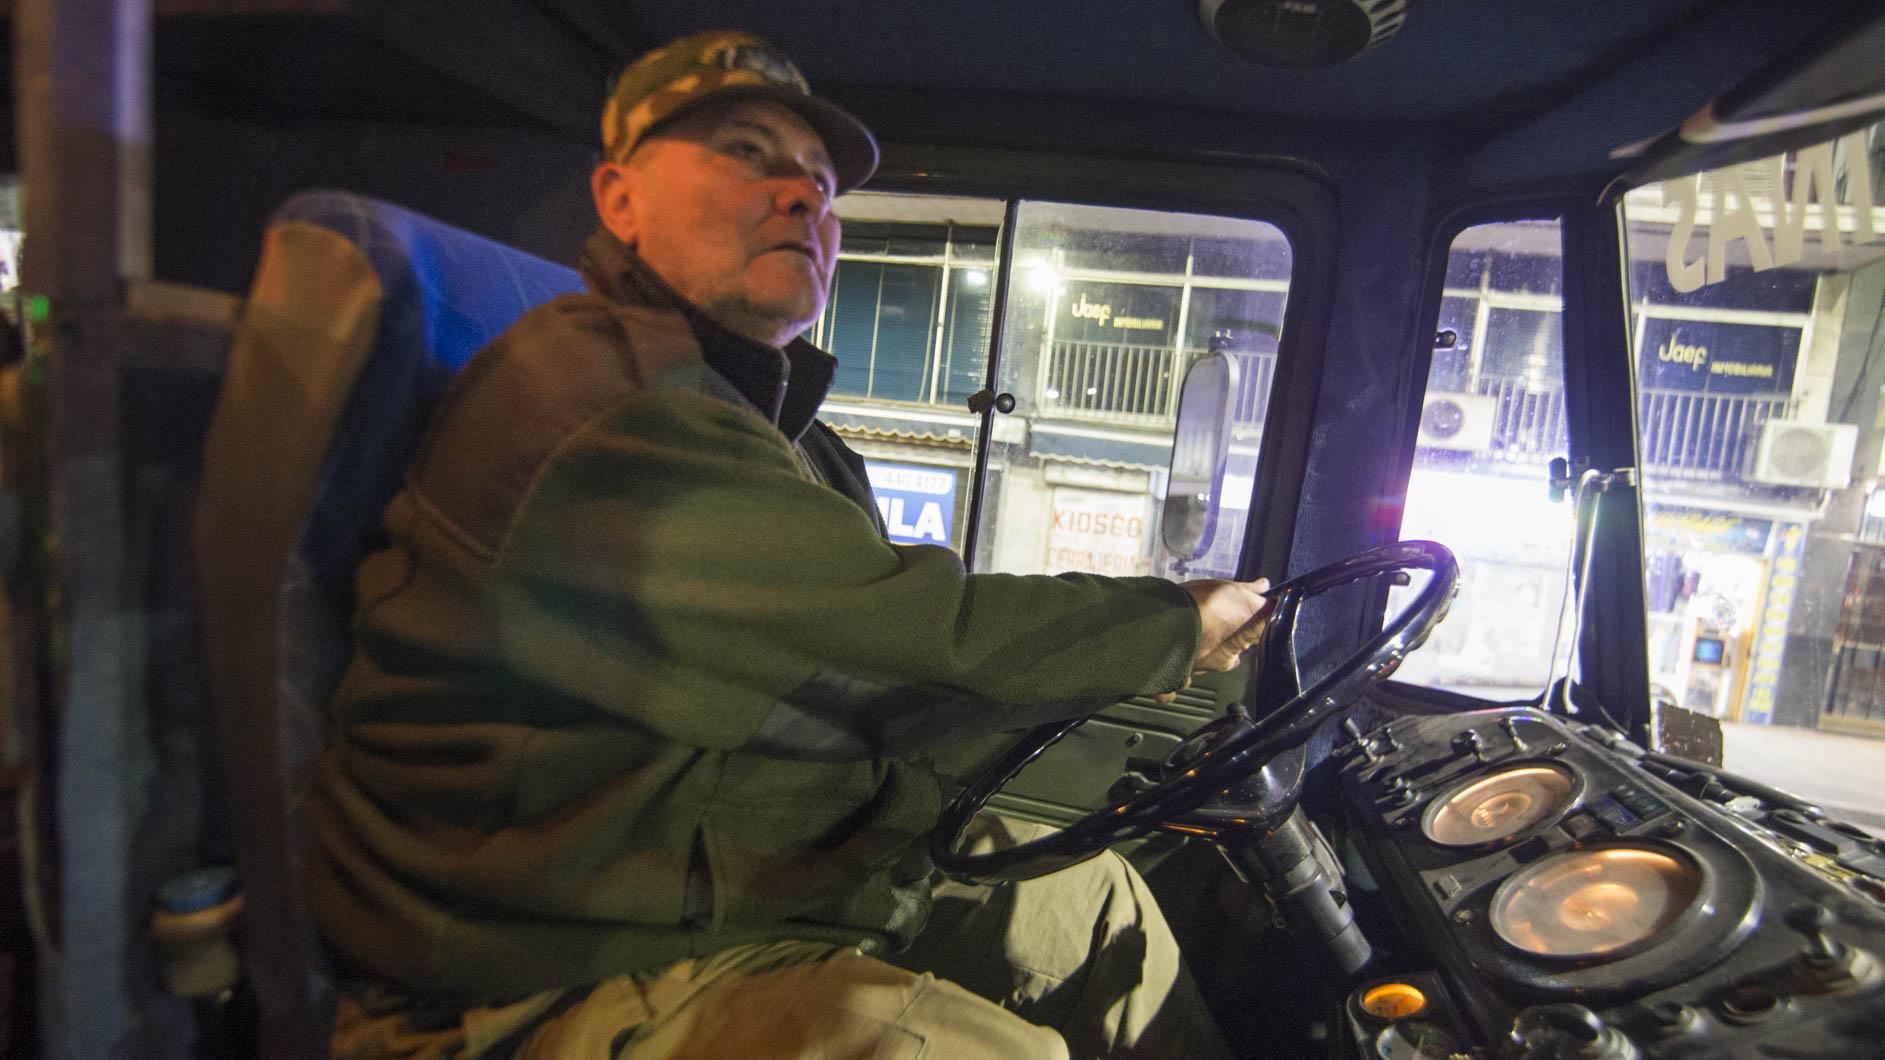 Murió por coronavirus el ex combatiente de Malvinas que manejaba el camión de reparto de comida | Rosario3